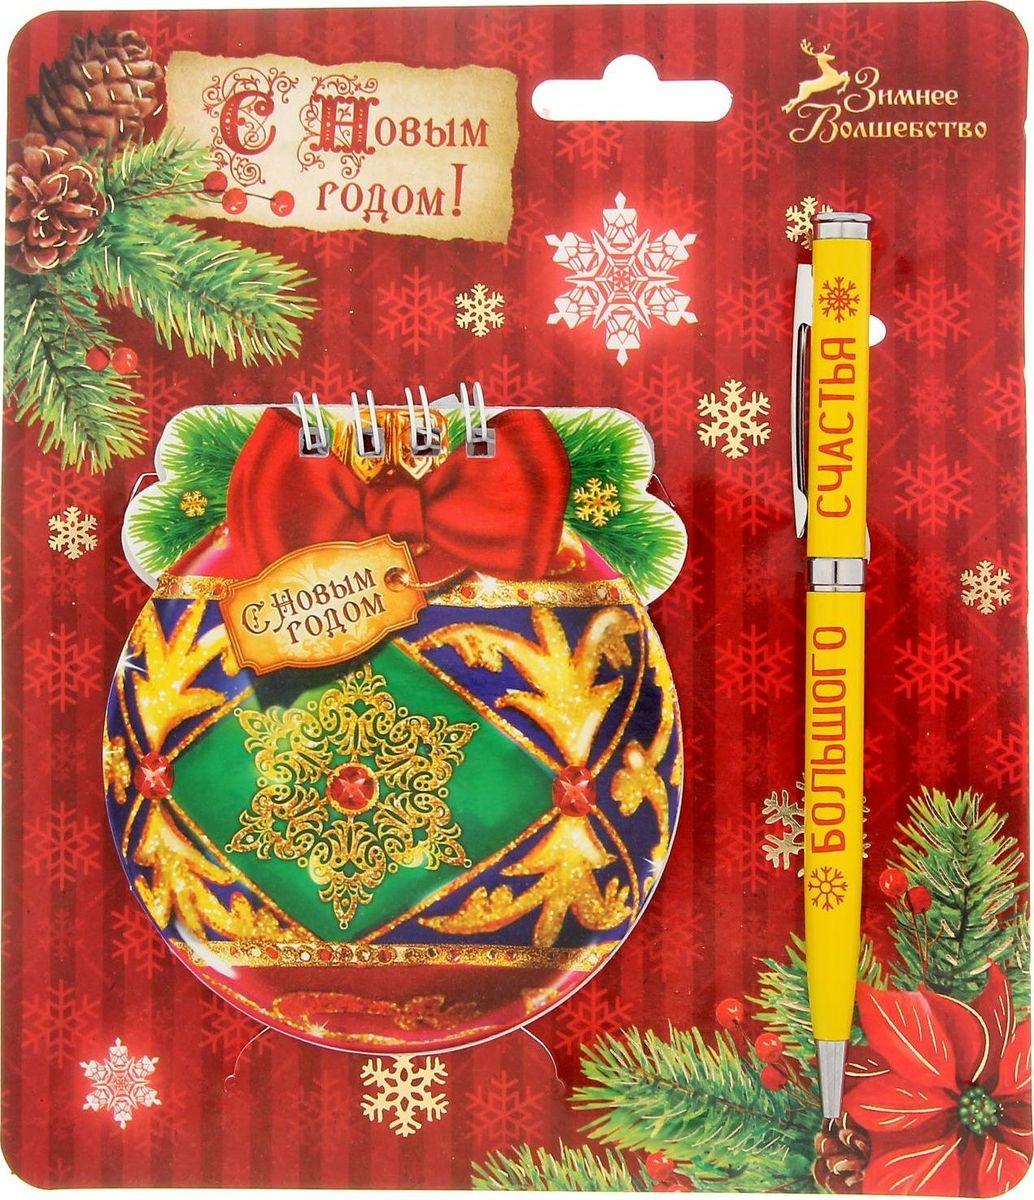 Набор с блокнотом и ручкой С Новым годом1350542Если вы ищете сувенир, который сочетает в себе сразу несколько качеств, то подарочный набор с ручкой и блокнотом — то, что вам нужно! Такой подарок обязательно придется по душе тем, кто ценит практичные презенты. Оригинальная ручка с теплыми пожеланиями и блокнот с яркими рисунками крепятся к красочной подложке, поэтому такой сувенир станет великолепным подарком для друзей, коллег или знакомых.